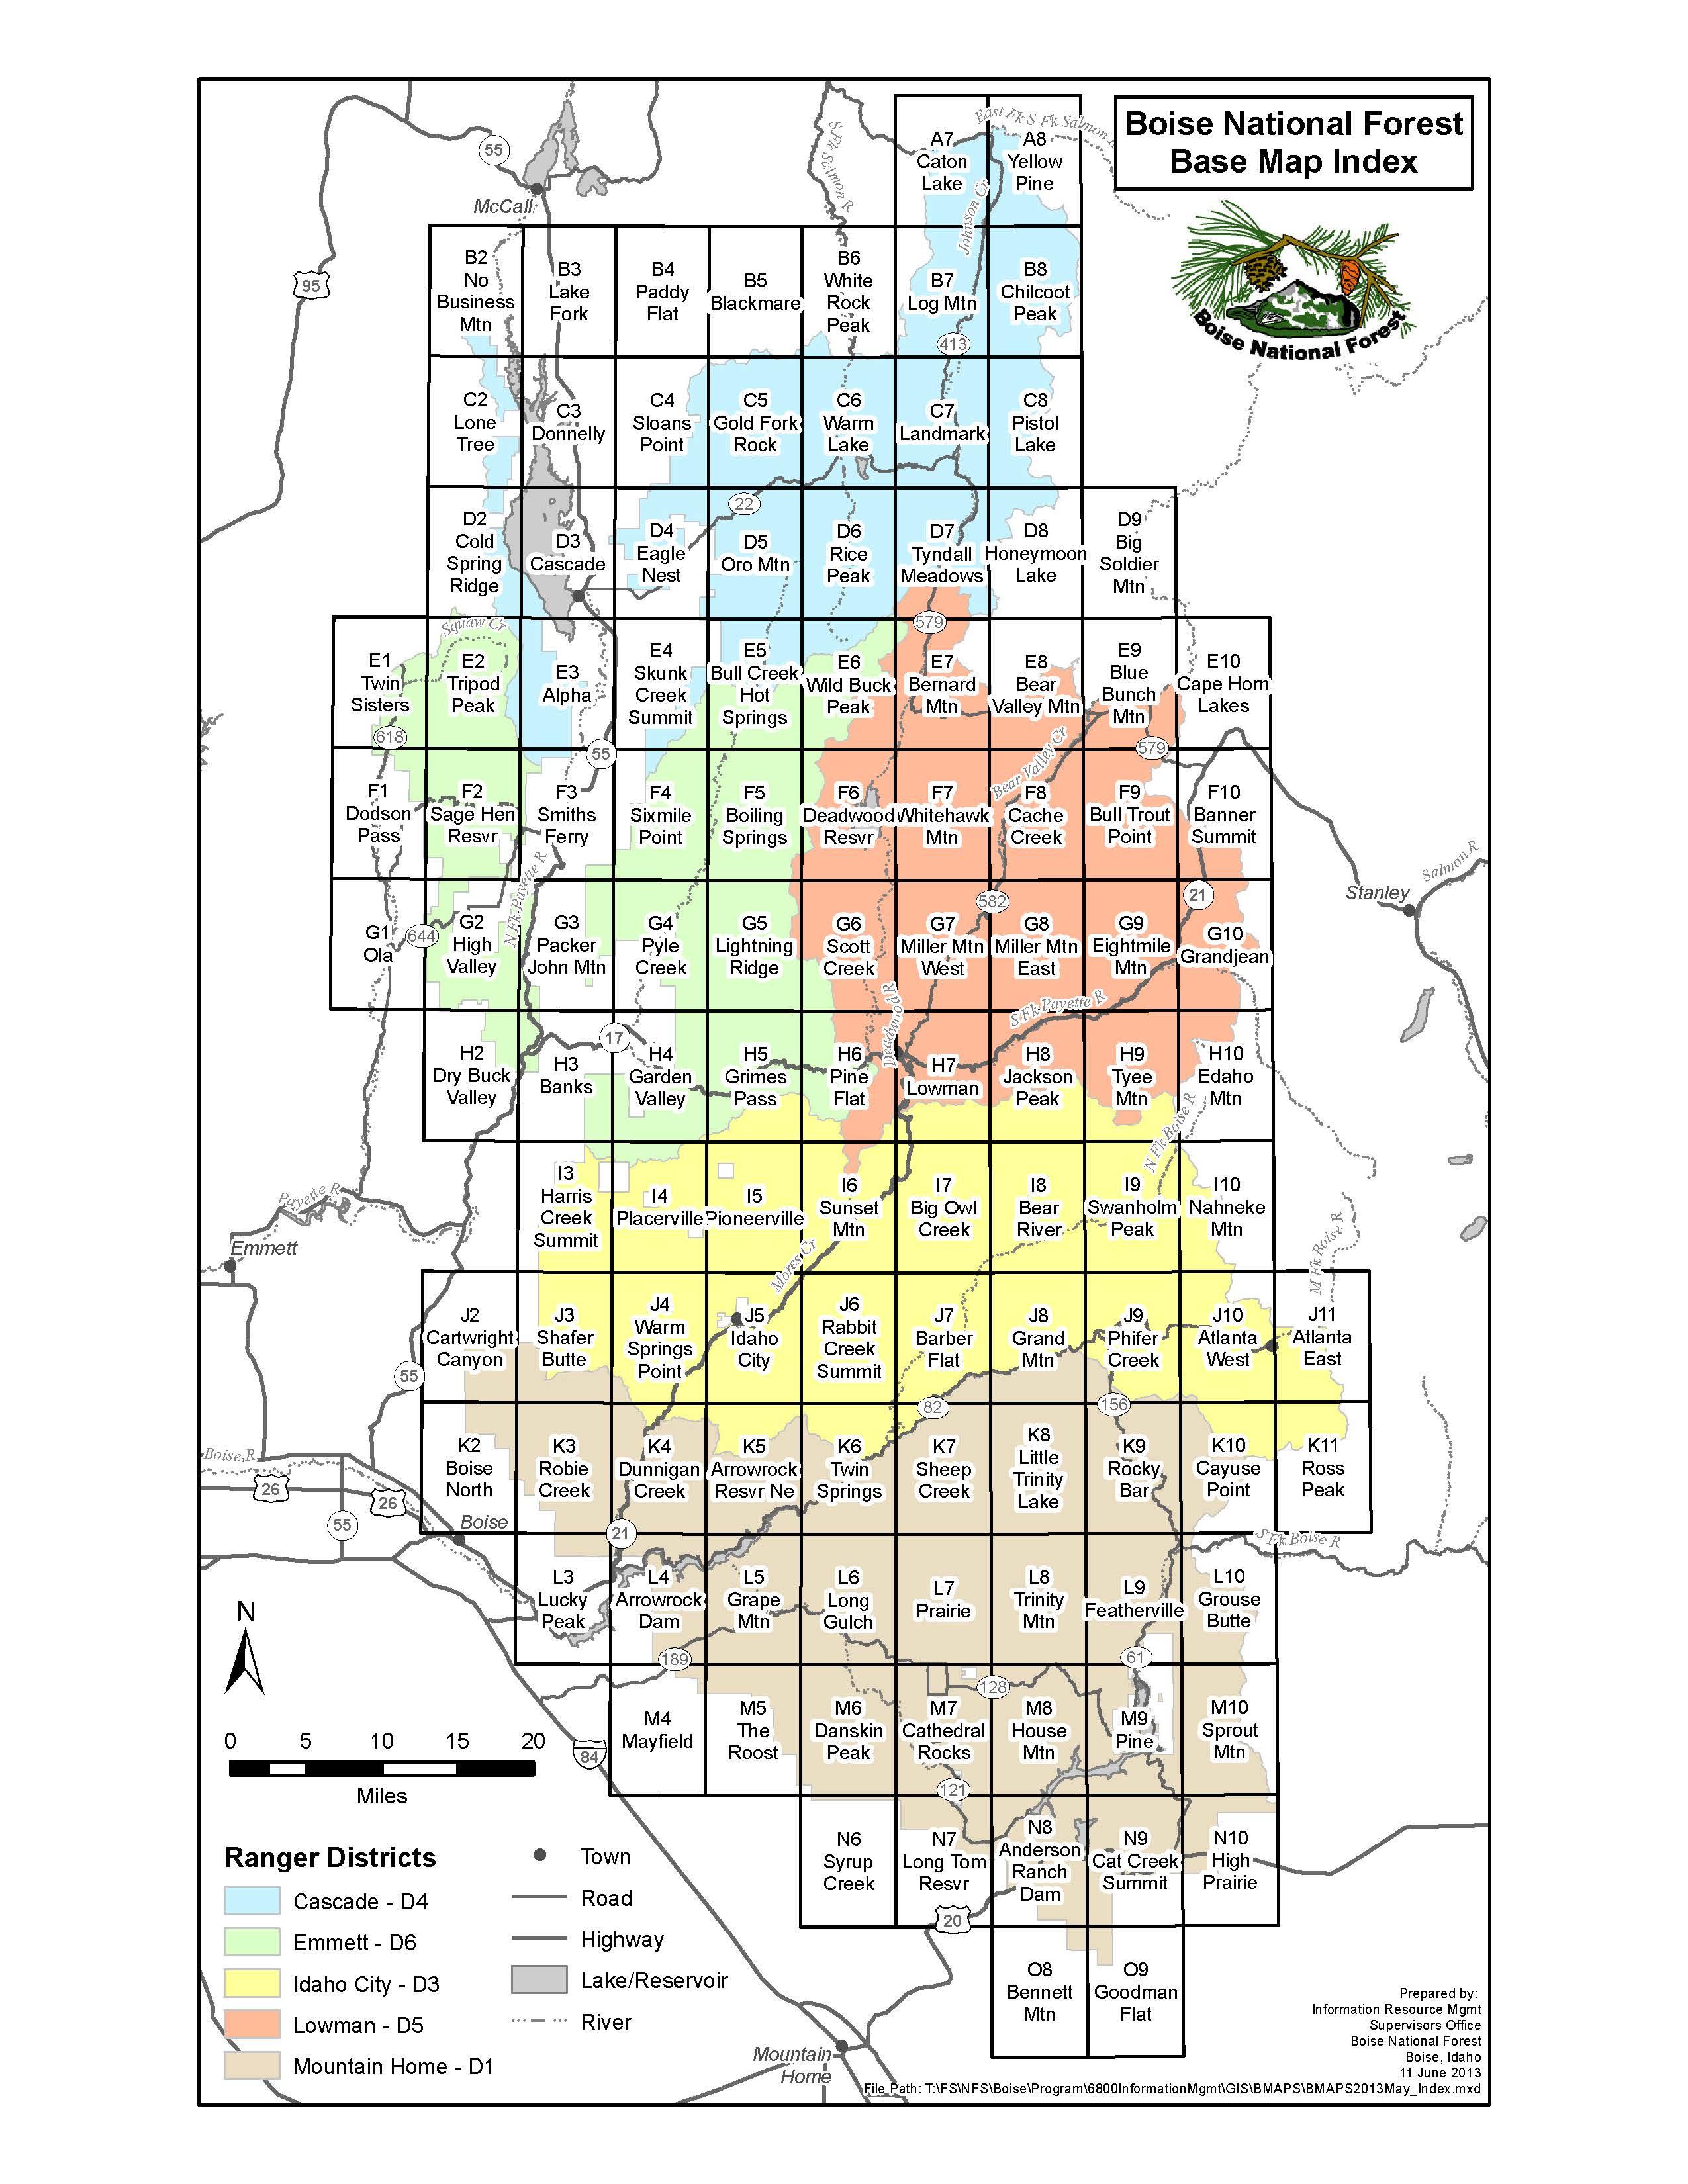 Boise National Forest Maps Publications - Usgs quad maps